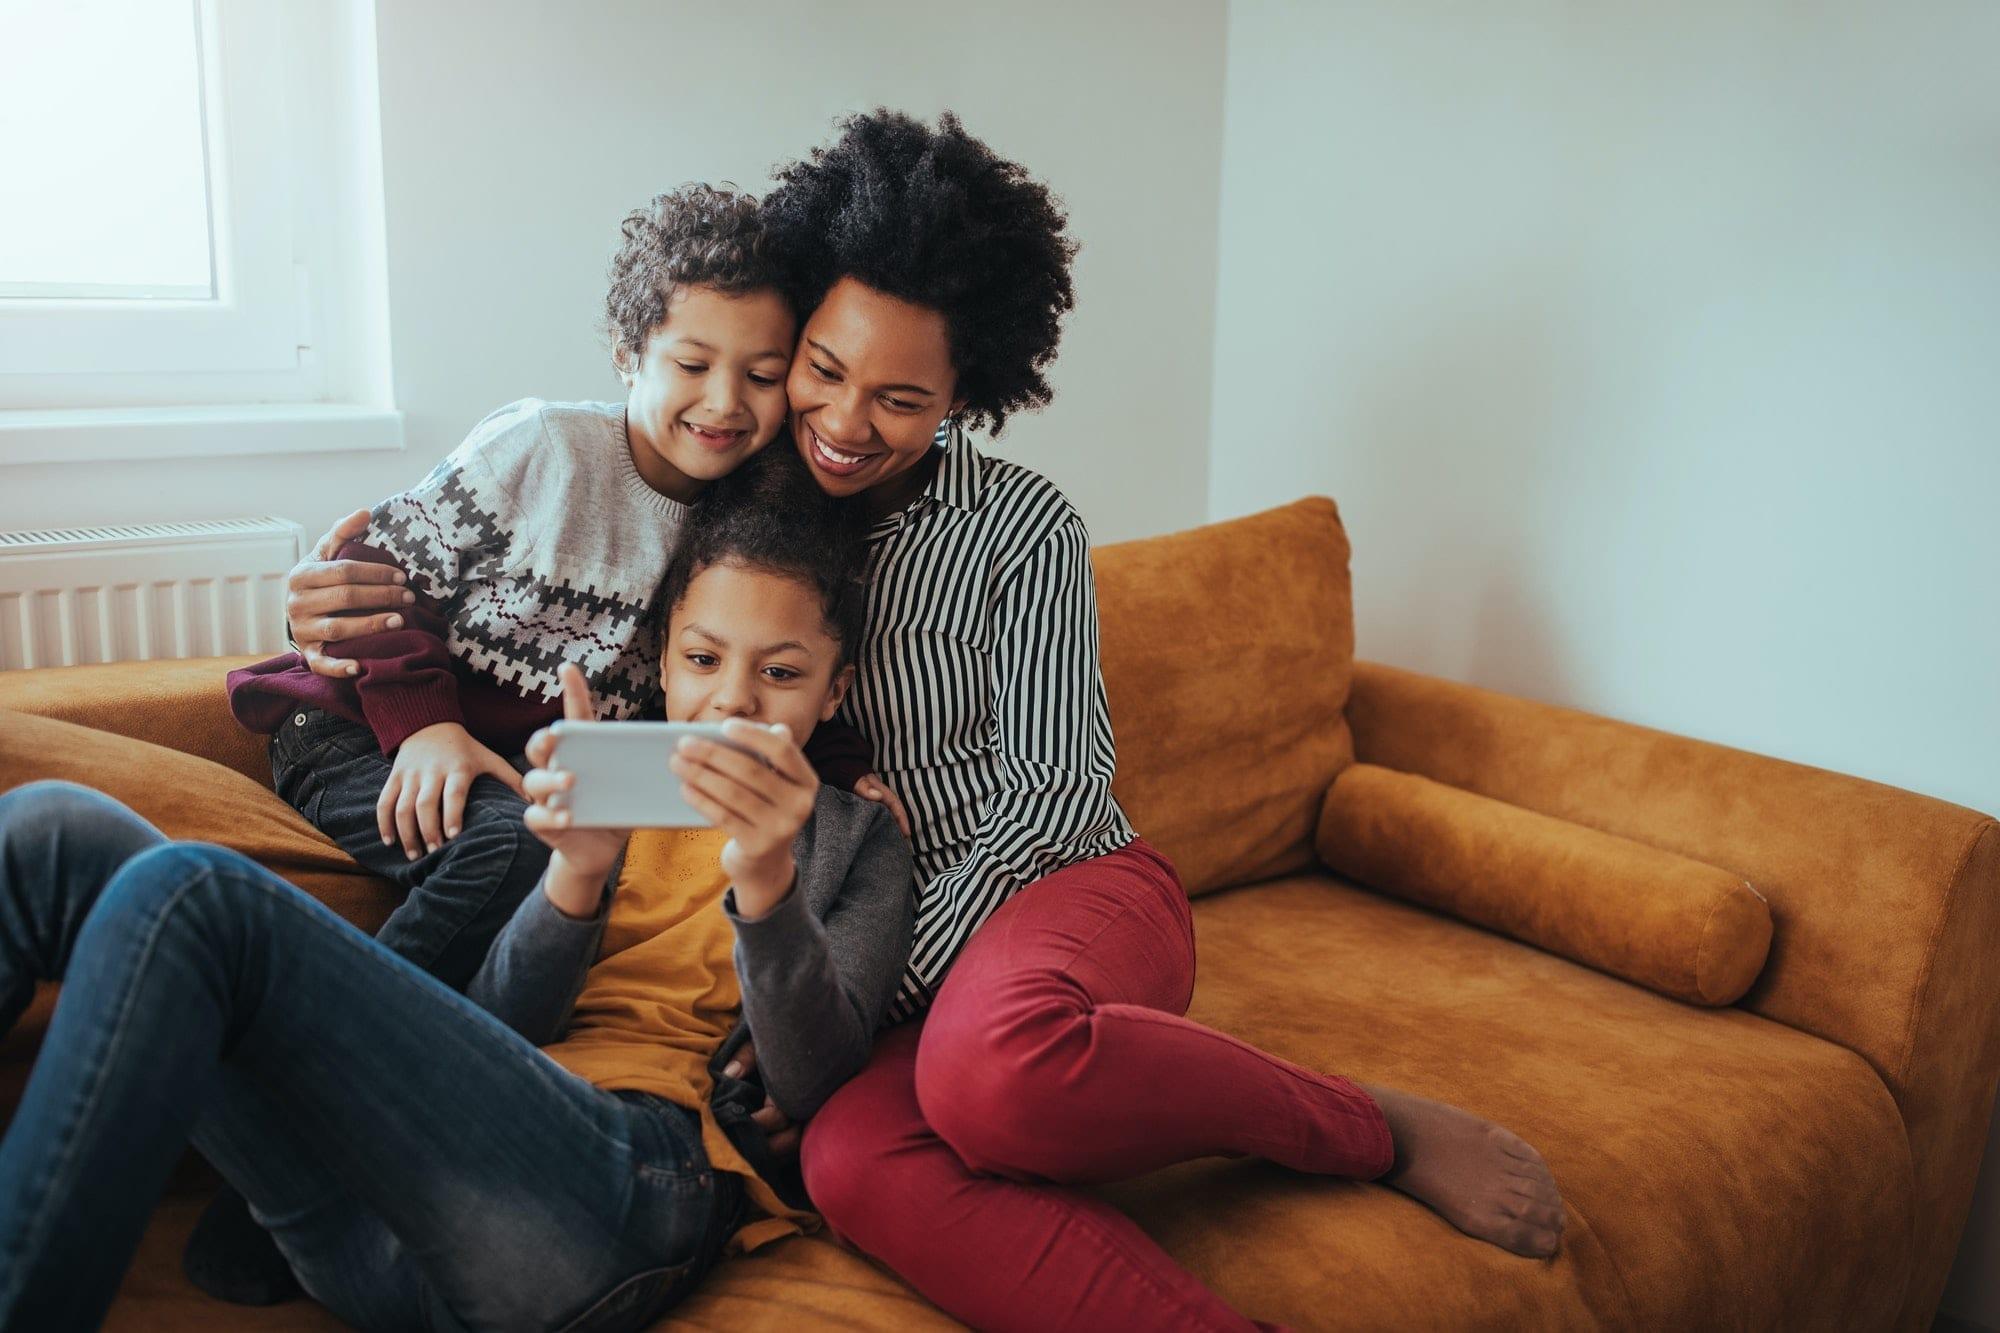 Enjoying their digital toy!